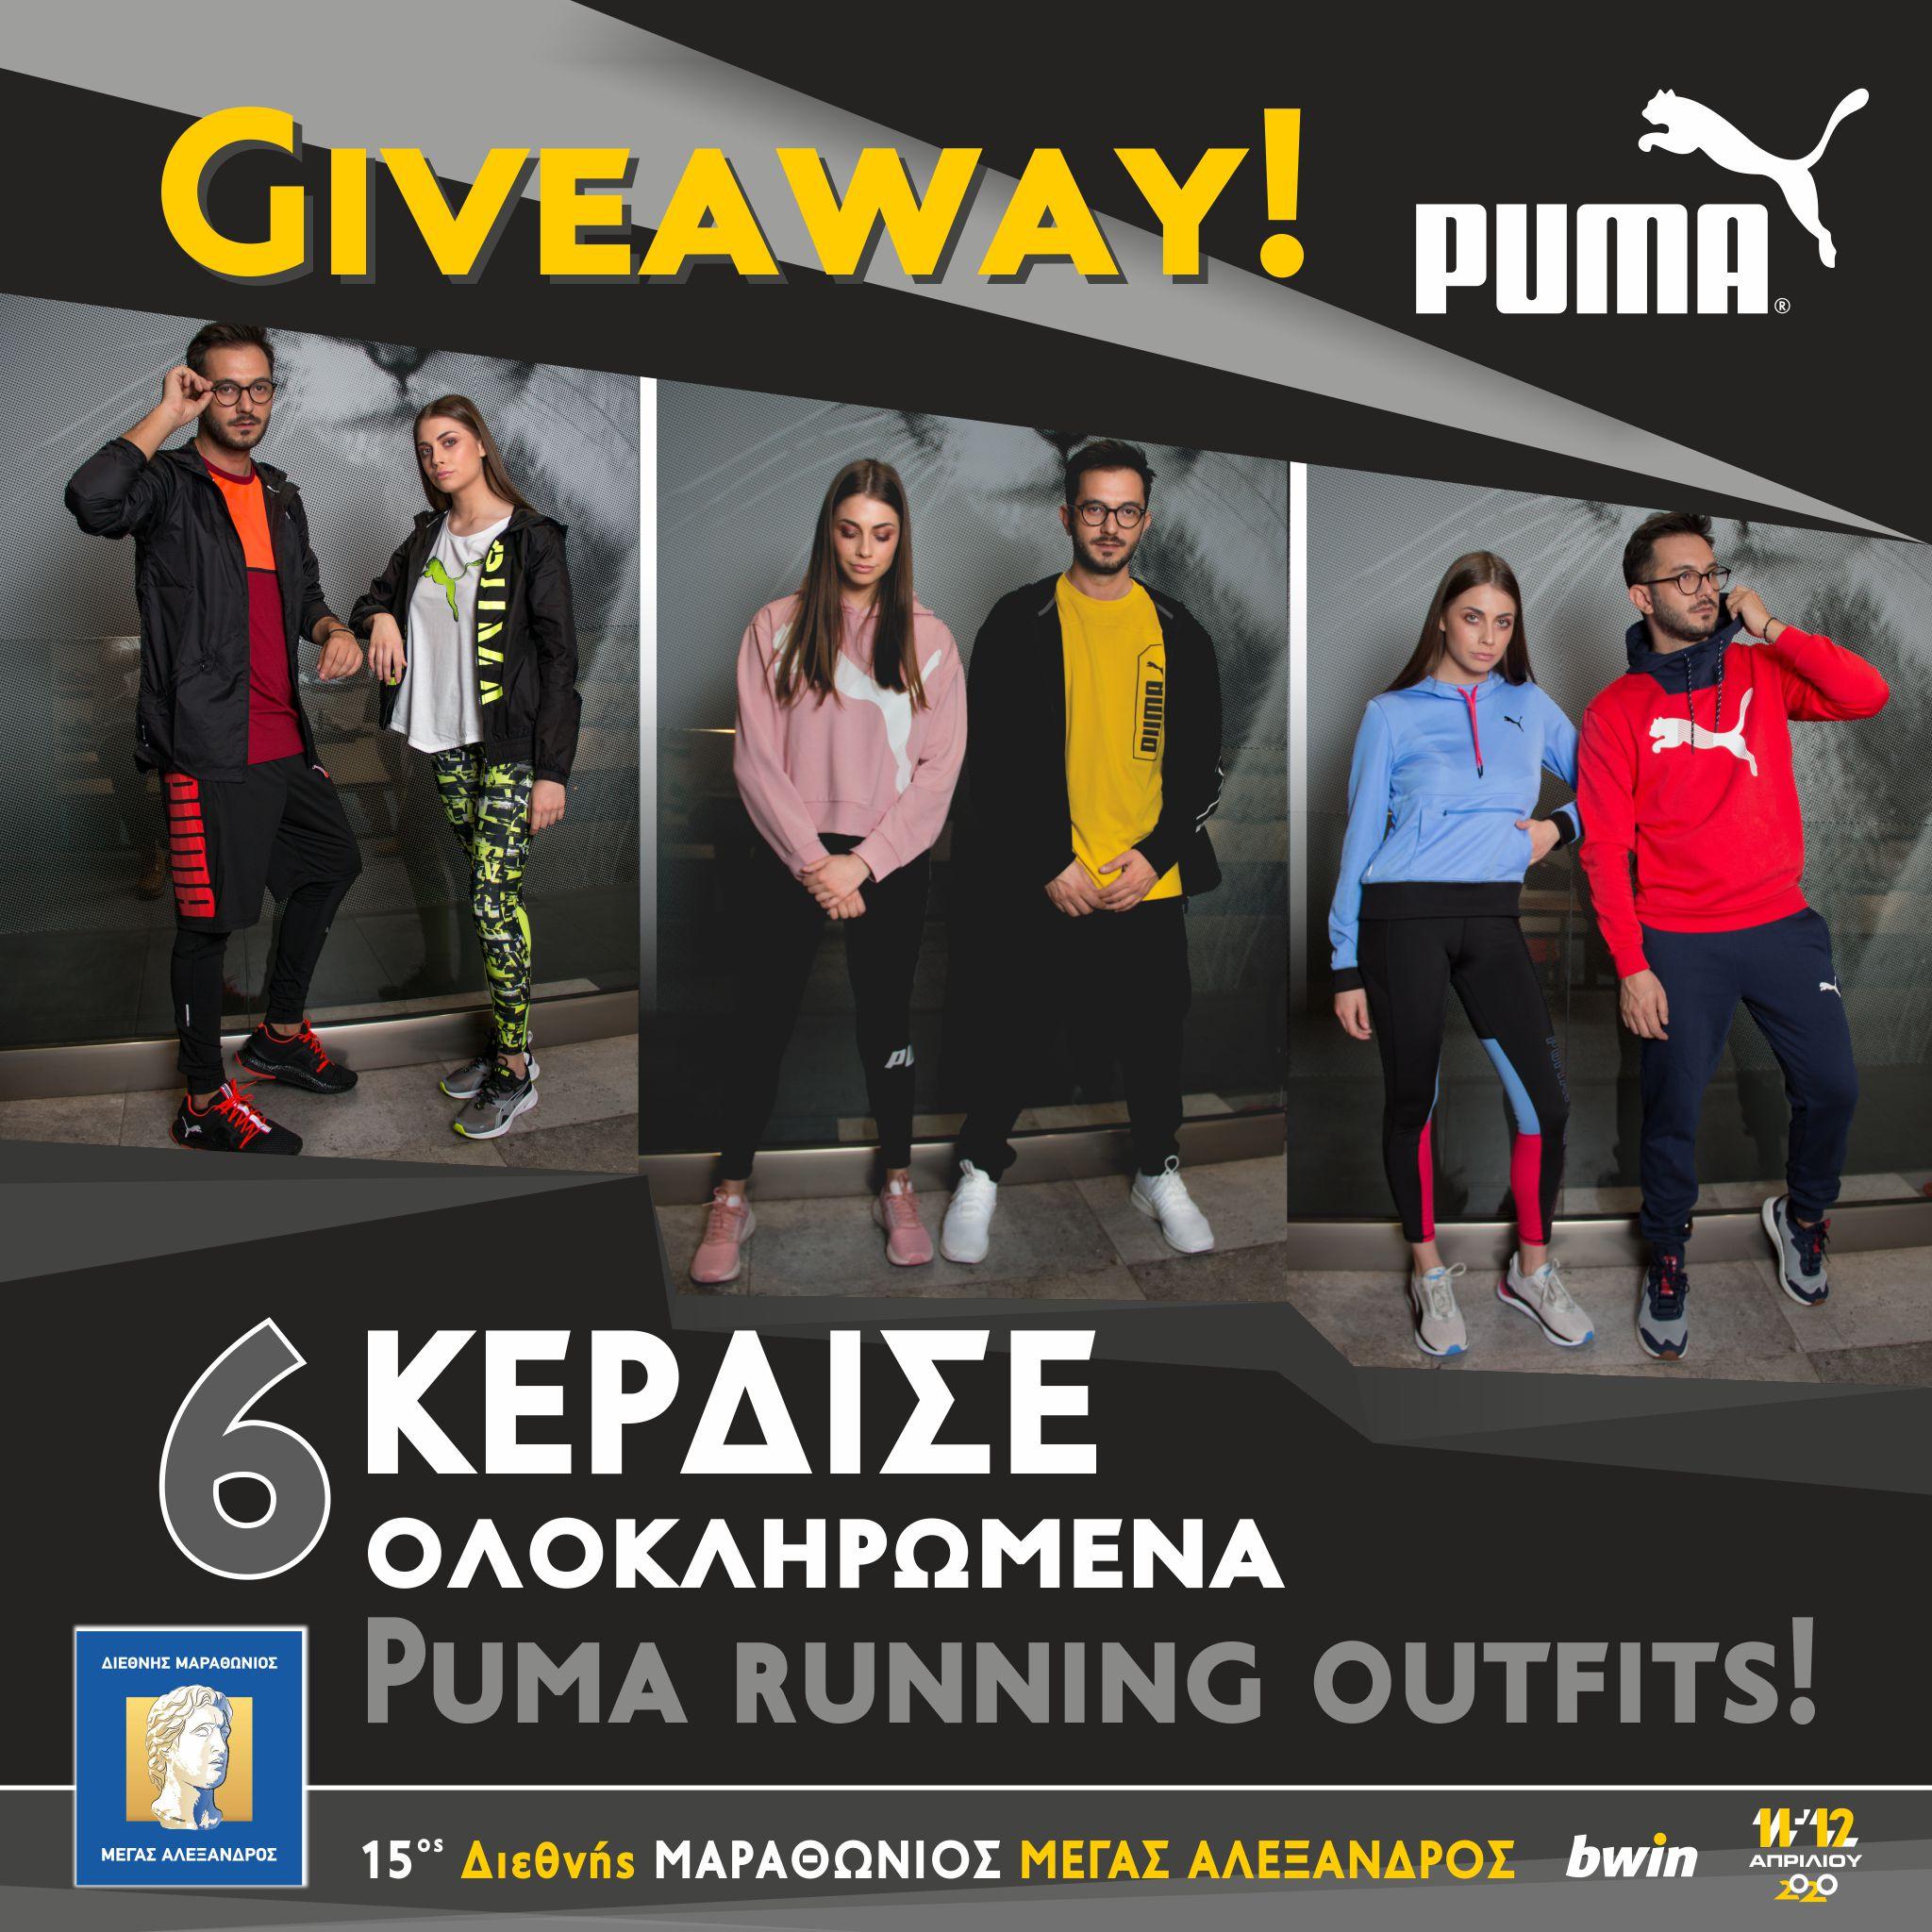 Τρέξε κι εσύ στον 15ο Διεθνή Μαραθώνιο ΜΕΓΑΣ ΑΛΕΞΑΝΔΡΟΣ – bwin  και κέρδισε ένα από τα έξι ολοκληρωμένα PUMA running outfits!